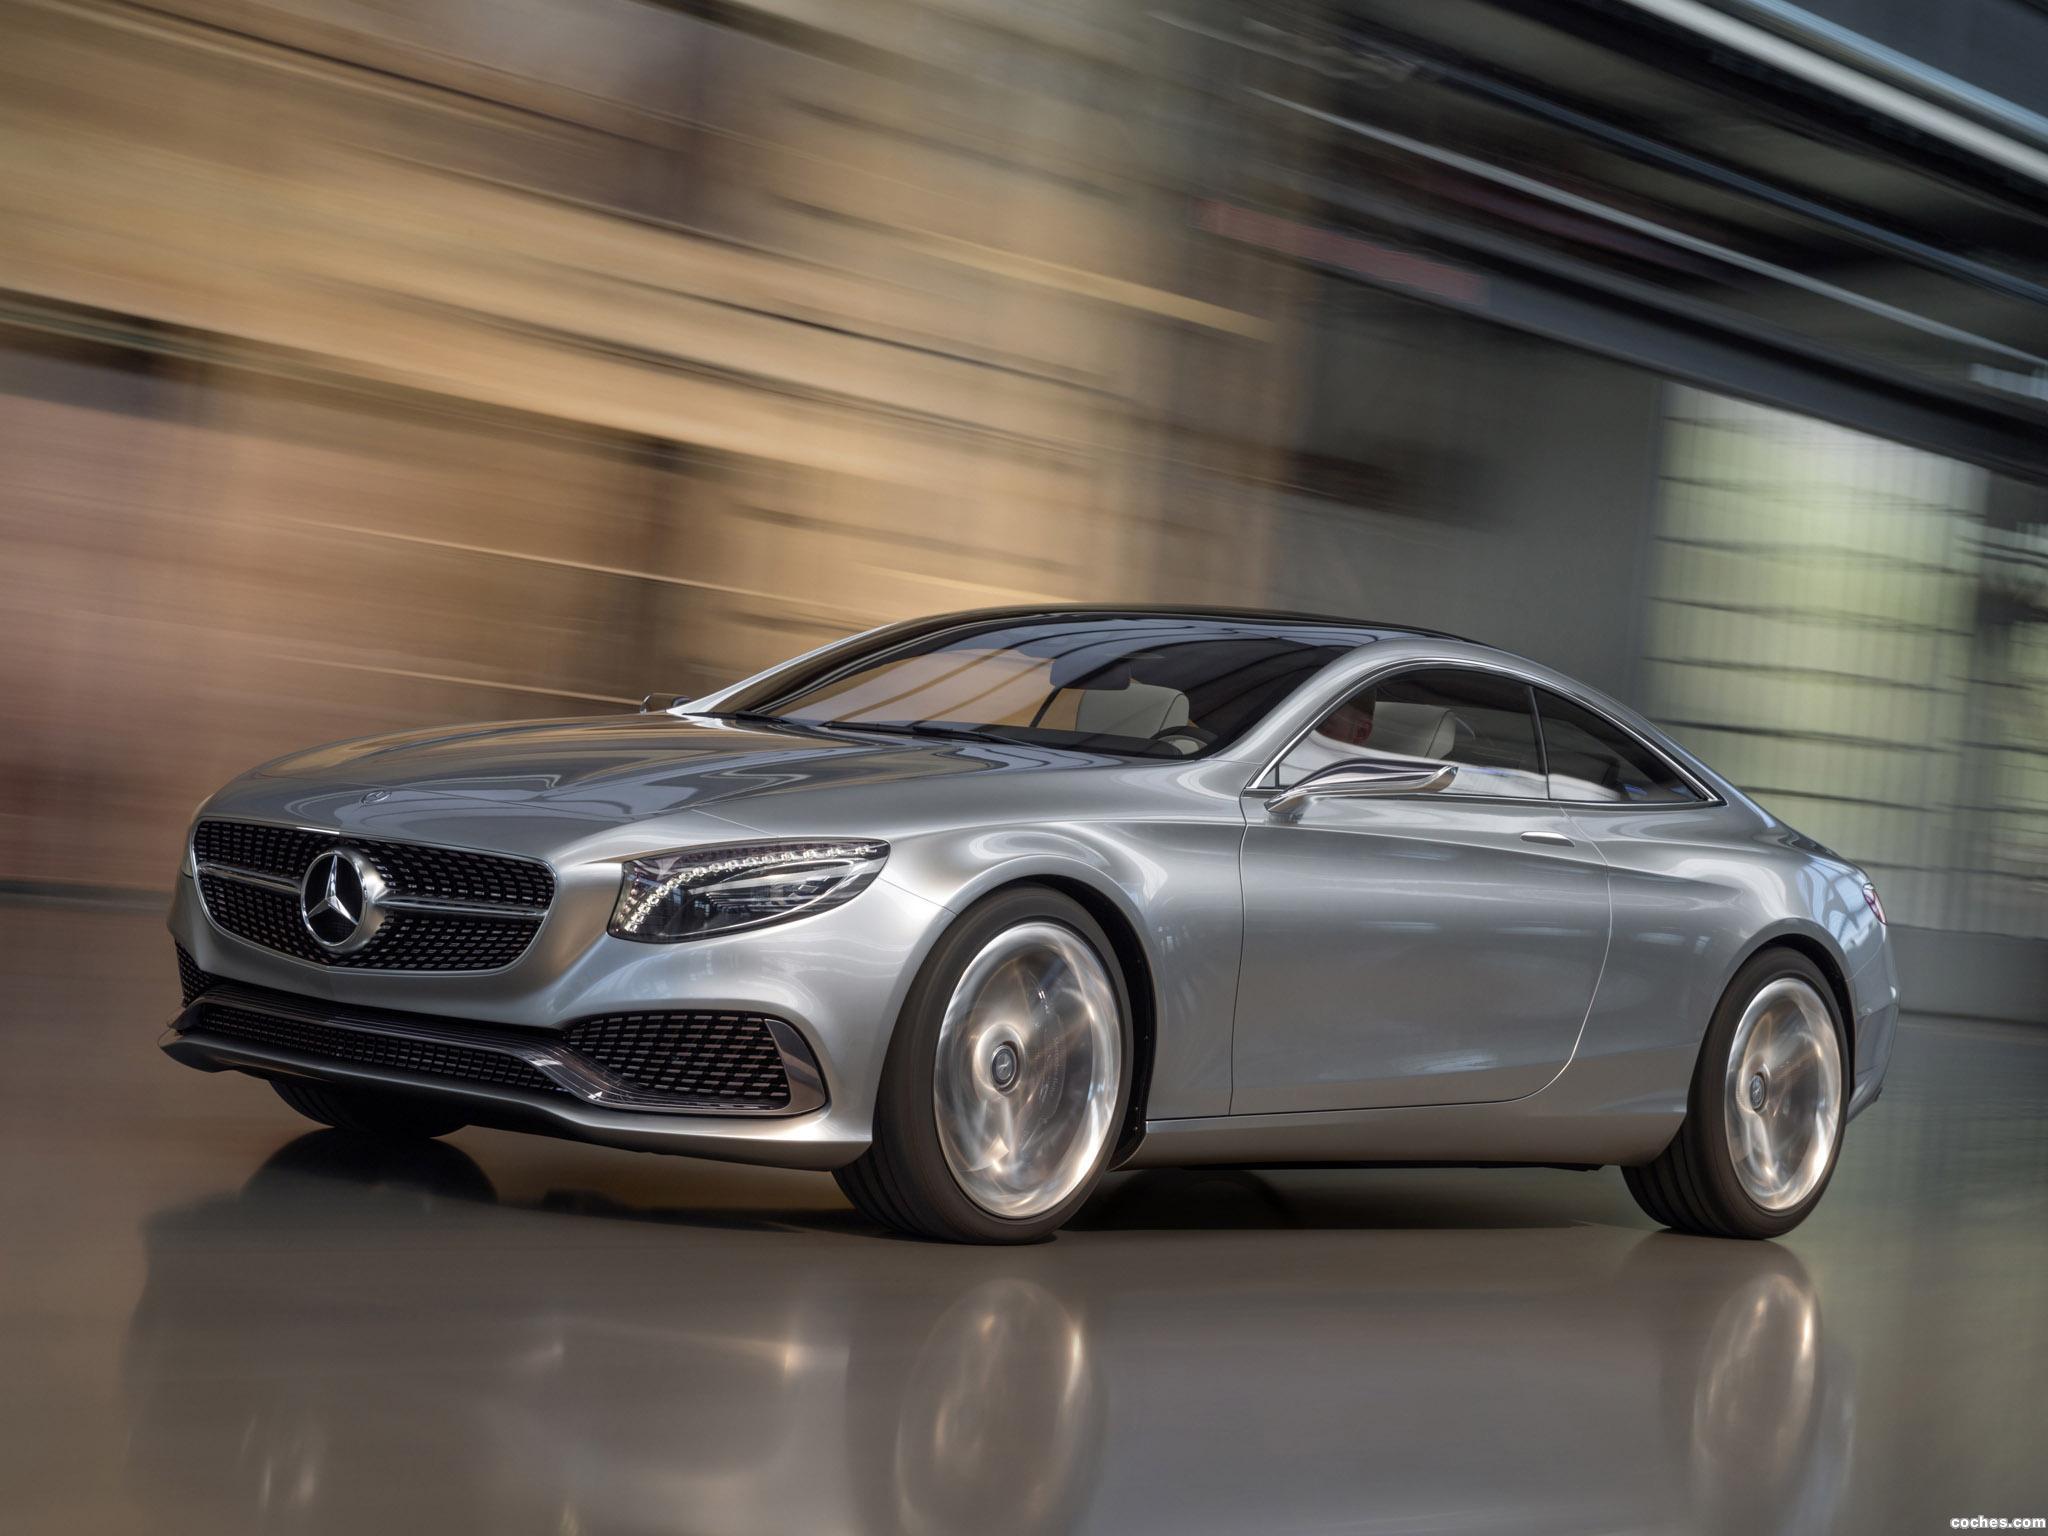 Foto 3 de Mercedes Clase S Coupe Concept 2013